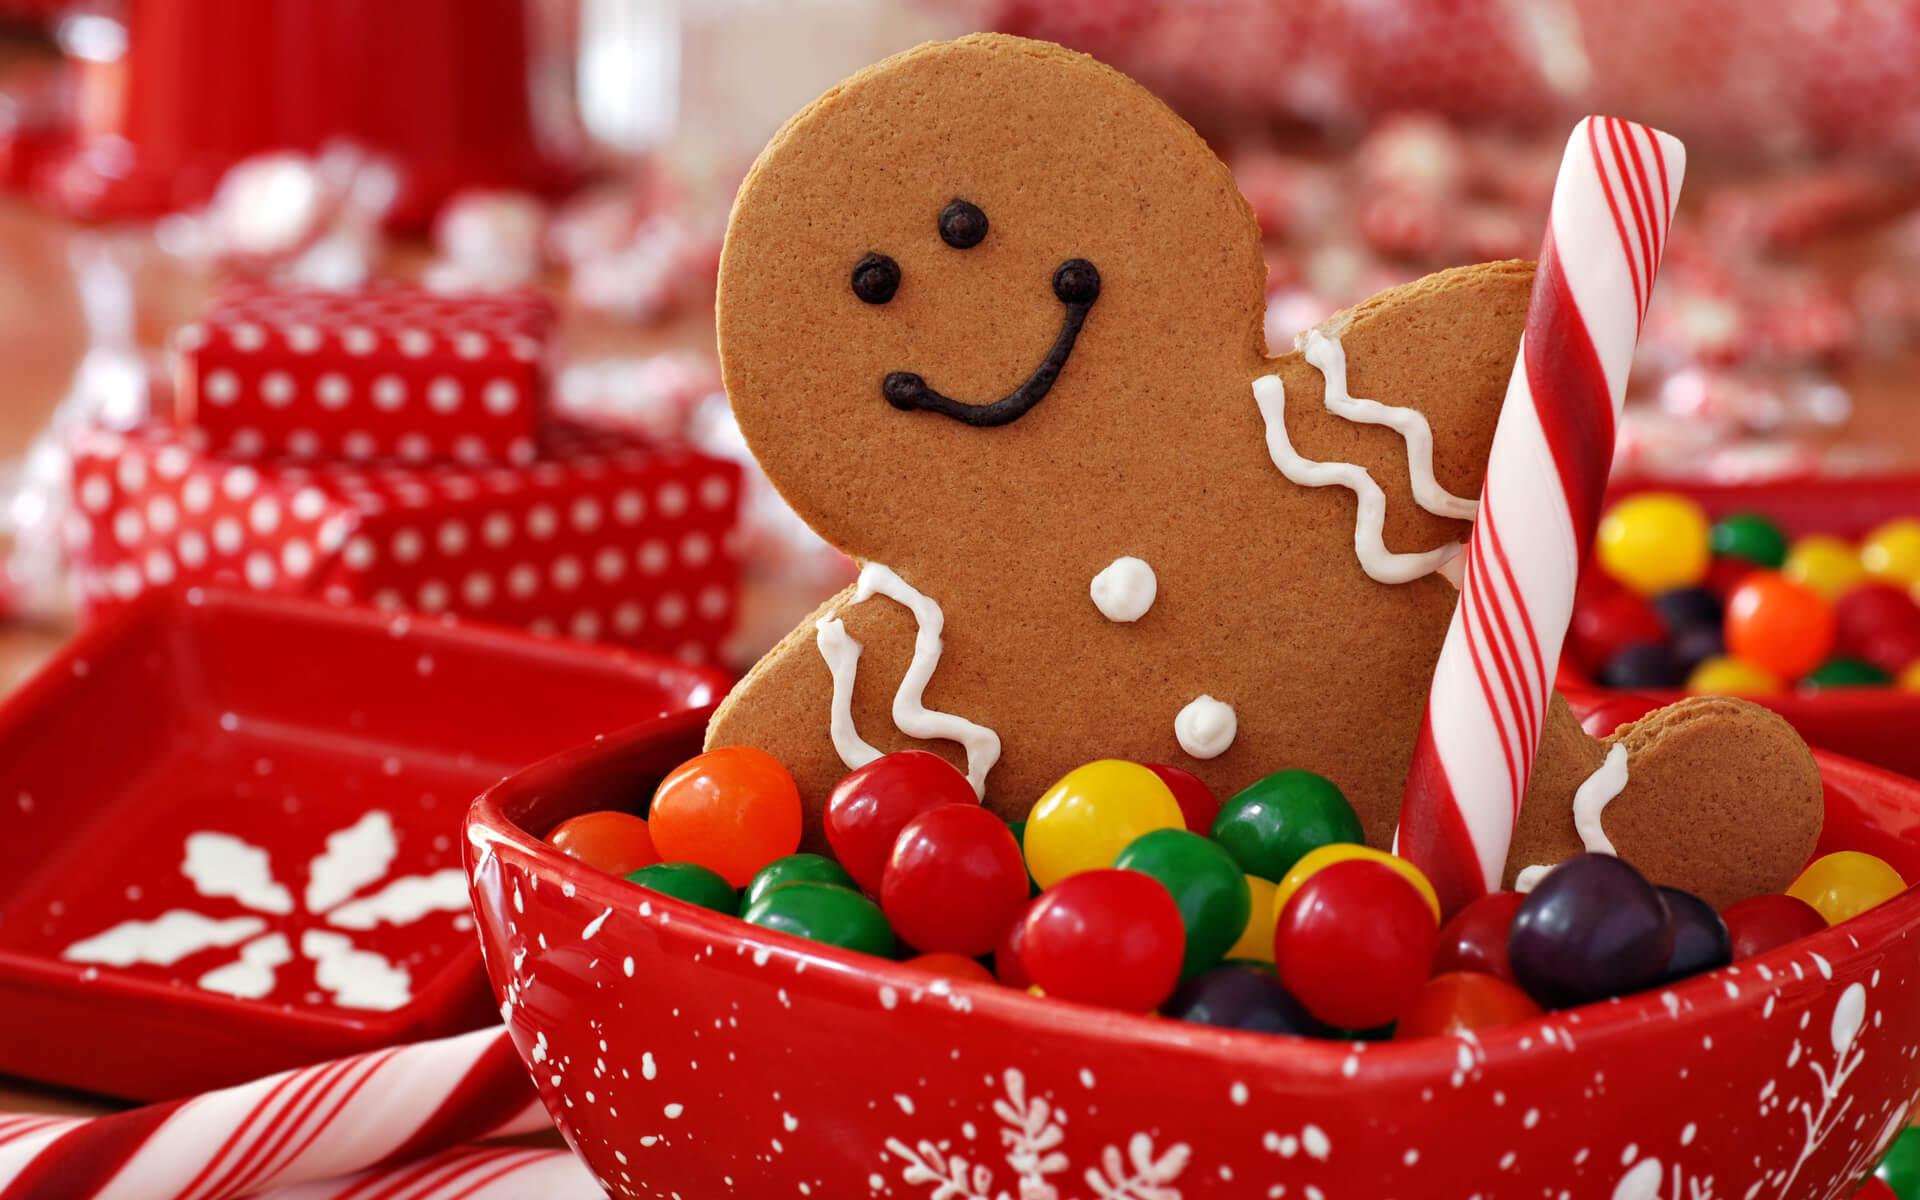 В Тверской области проверили кондитерские изделия из новогодних подарков на соответствие нормам